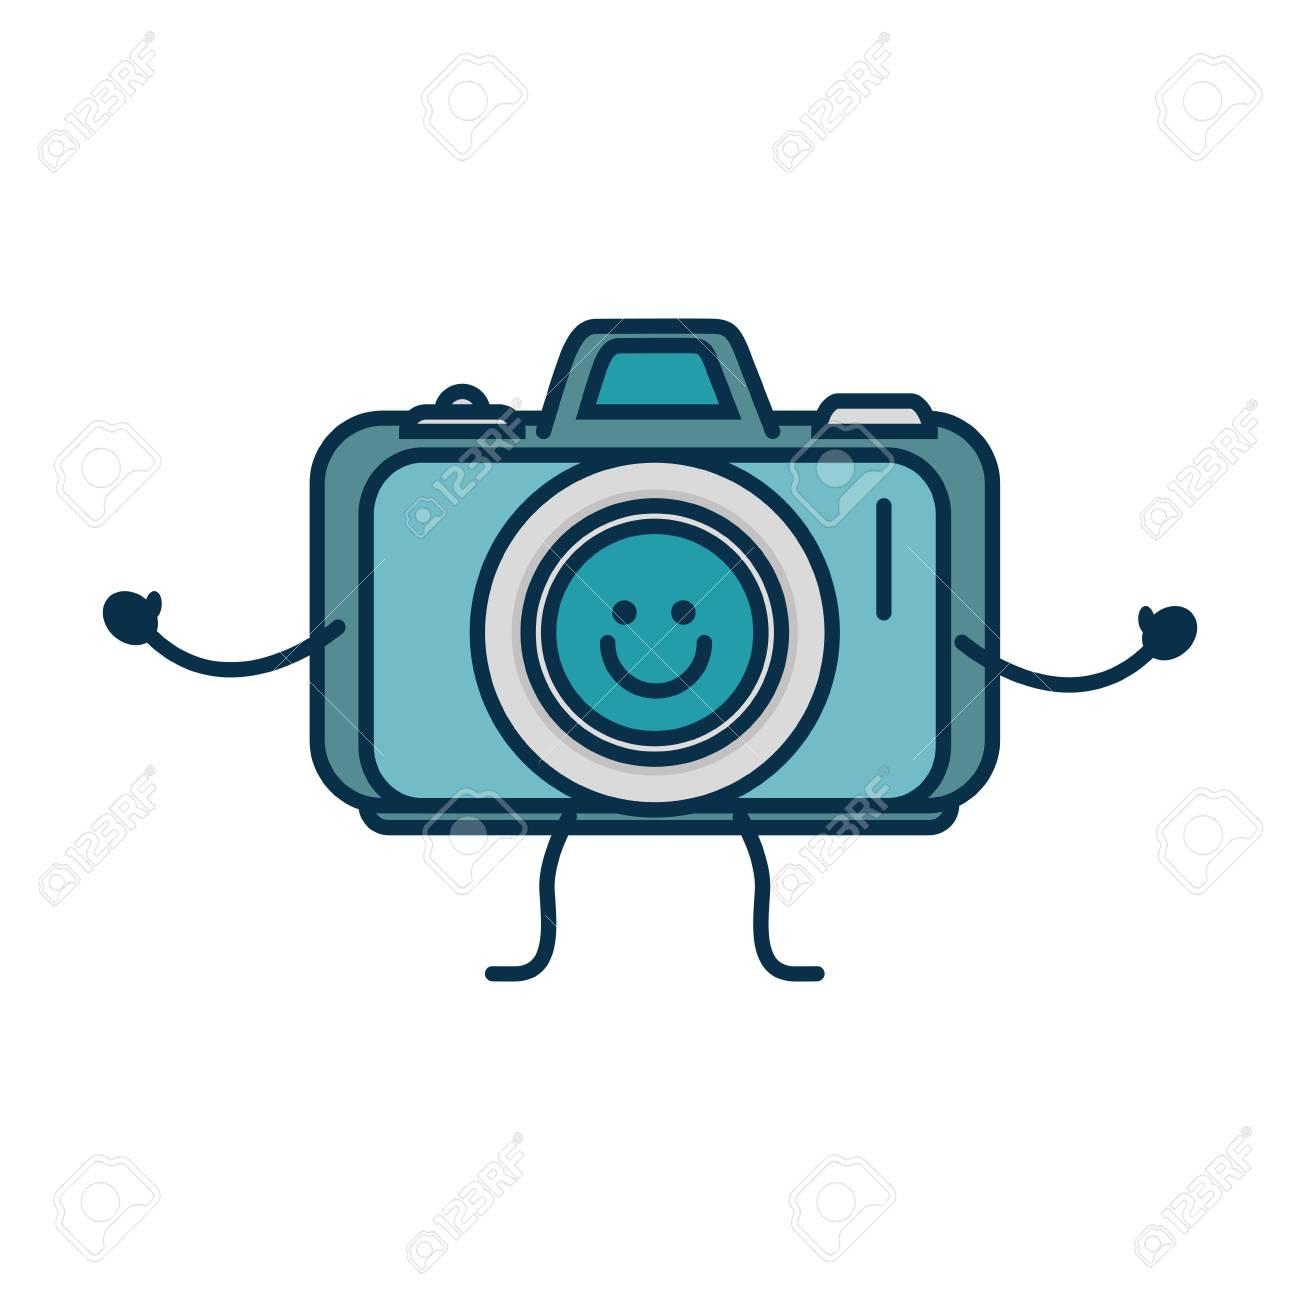 ビンテージ写真カメラ アイコン ベクトル イラスト グラフィック